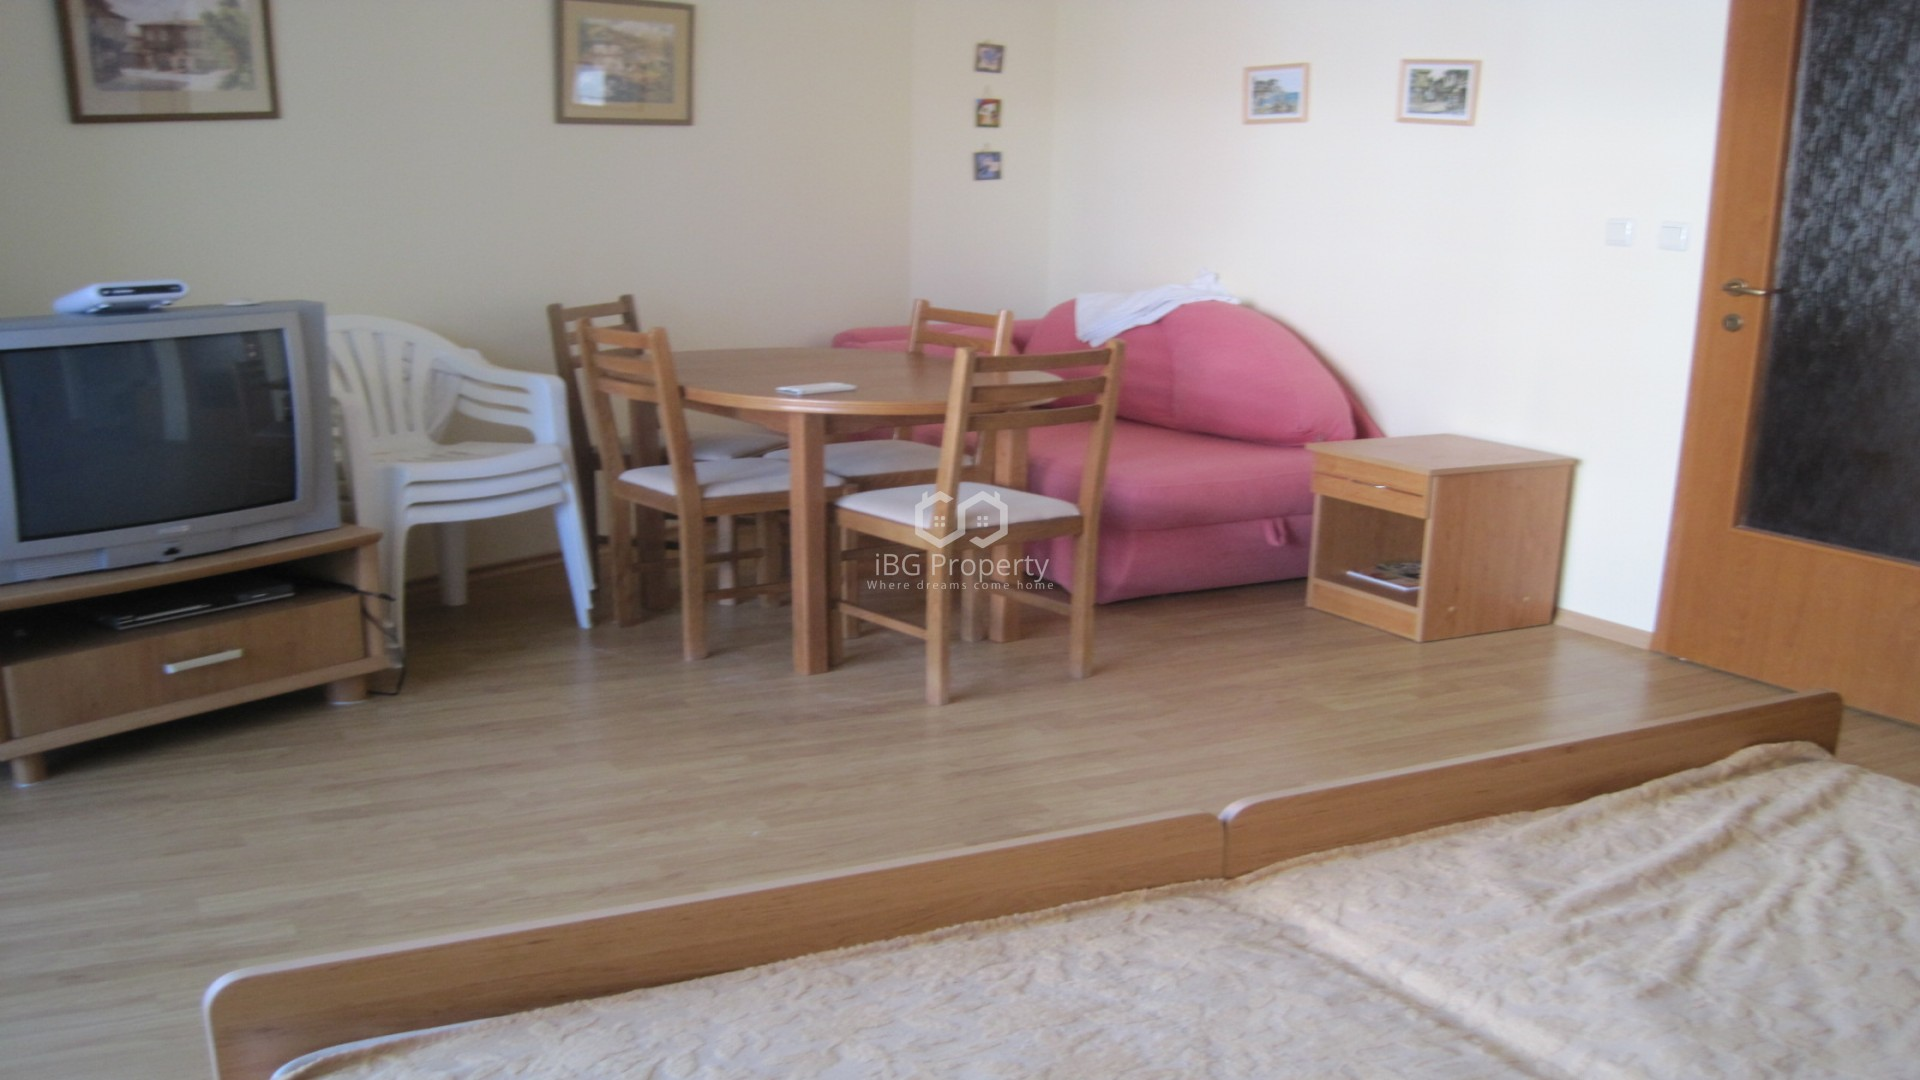 Einzimmerwohnung in Elenite 48 m2